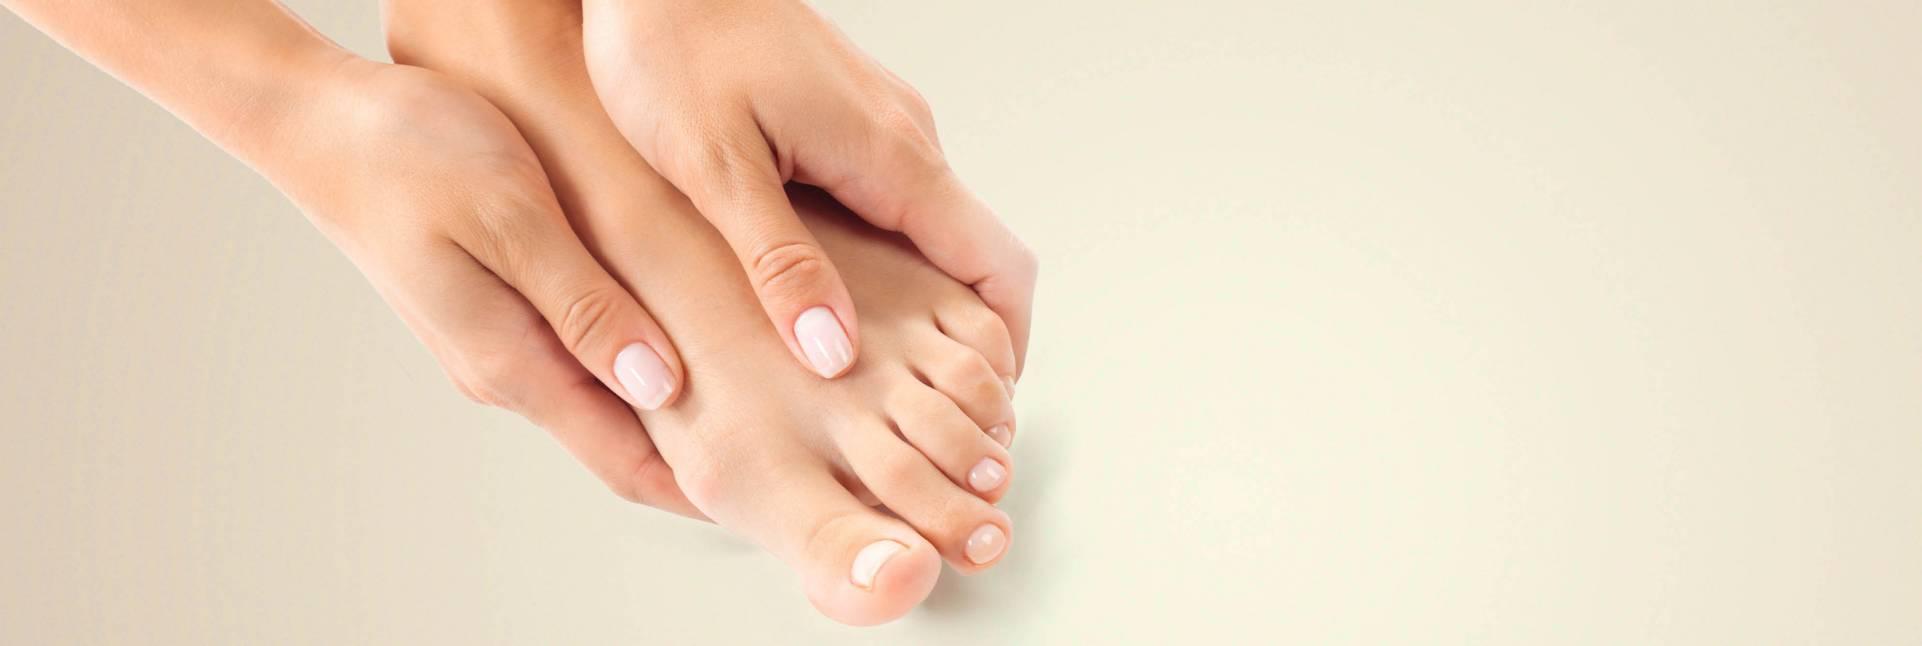 Consejos para fortalecer las uñas